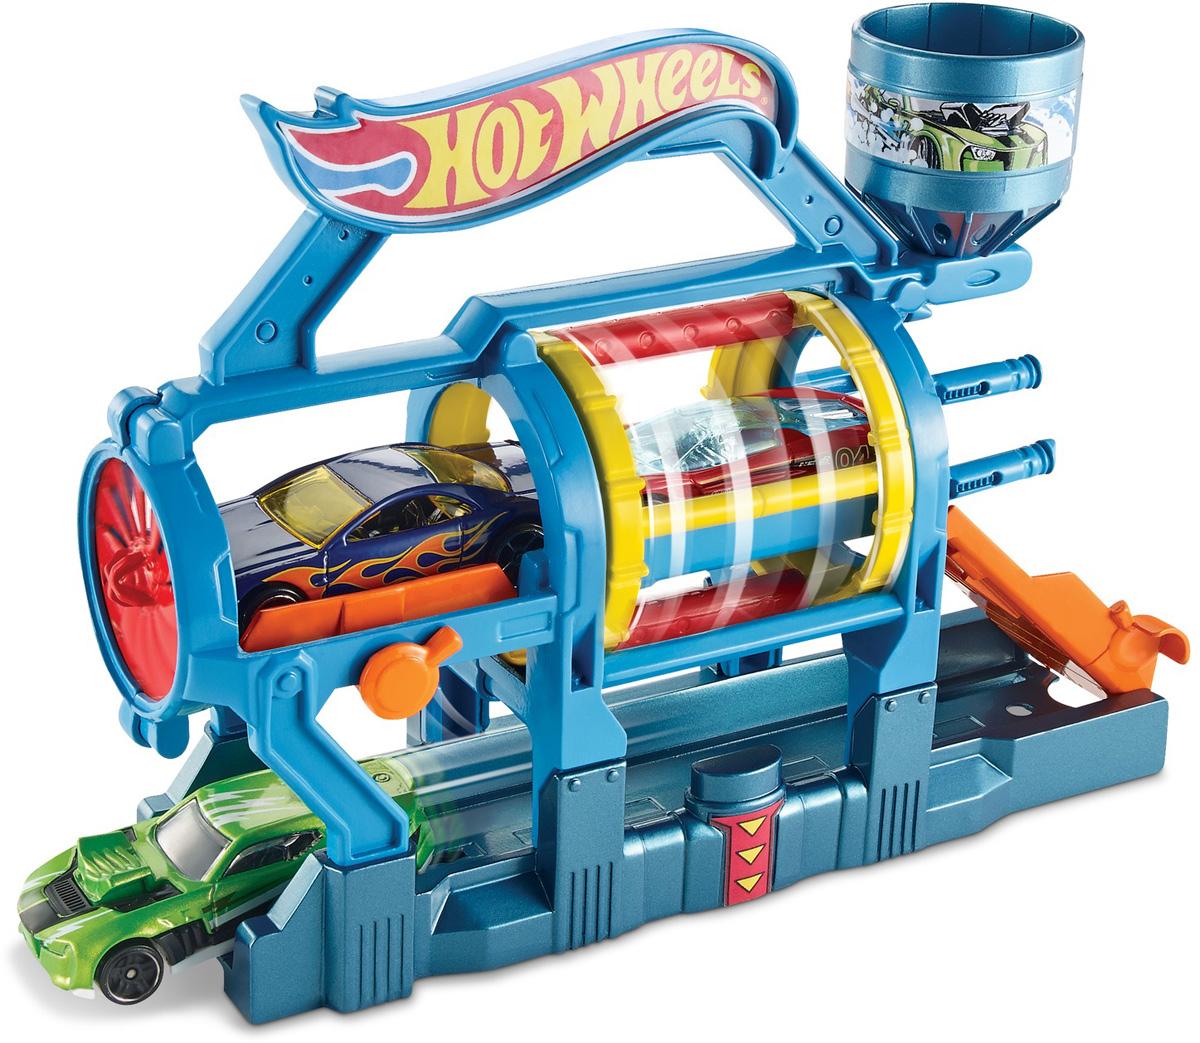 Hot Wheels Игровой набор Турбо автомойкаDWK99_DWL00Игровой набор Hot Wheels Турбо автомойка привлечет внимание вашего ребенка и не позволит ему скучать. В набор входят элементы для сборки турбо автомойки. Поистине грандиозное сооружение, большая турбо автомойка способна моментально вымыть даже самую грязную машину. Любой набор можно соединить с другим трековым набором Hot Wheels. Дети могут коллекционировать наборы и соединять их друг с другом - веселье будет бесконечным! Порадуйте вашего ребенка таким замечательным подарком!